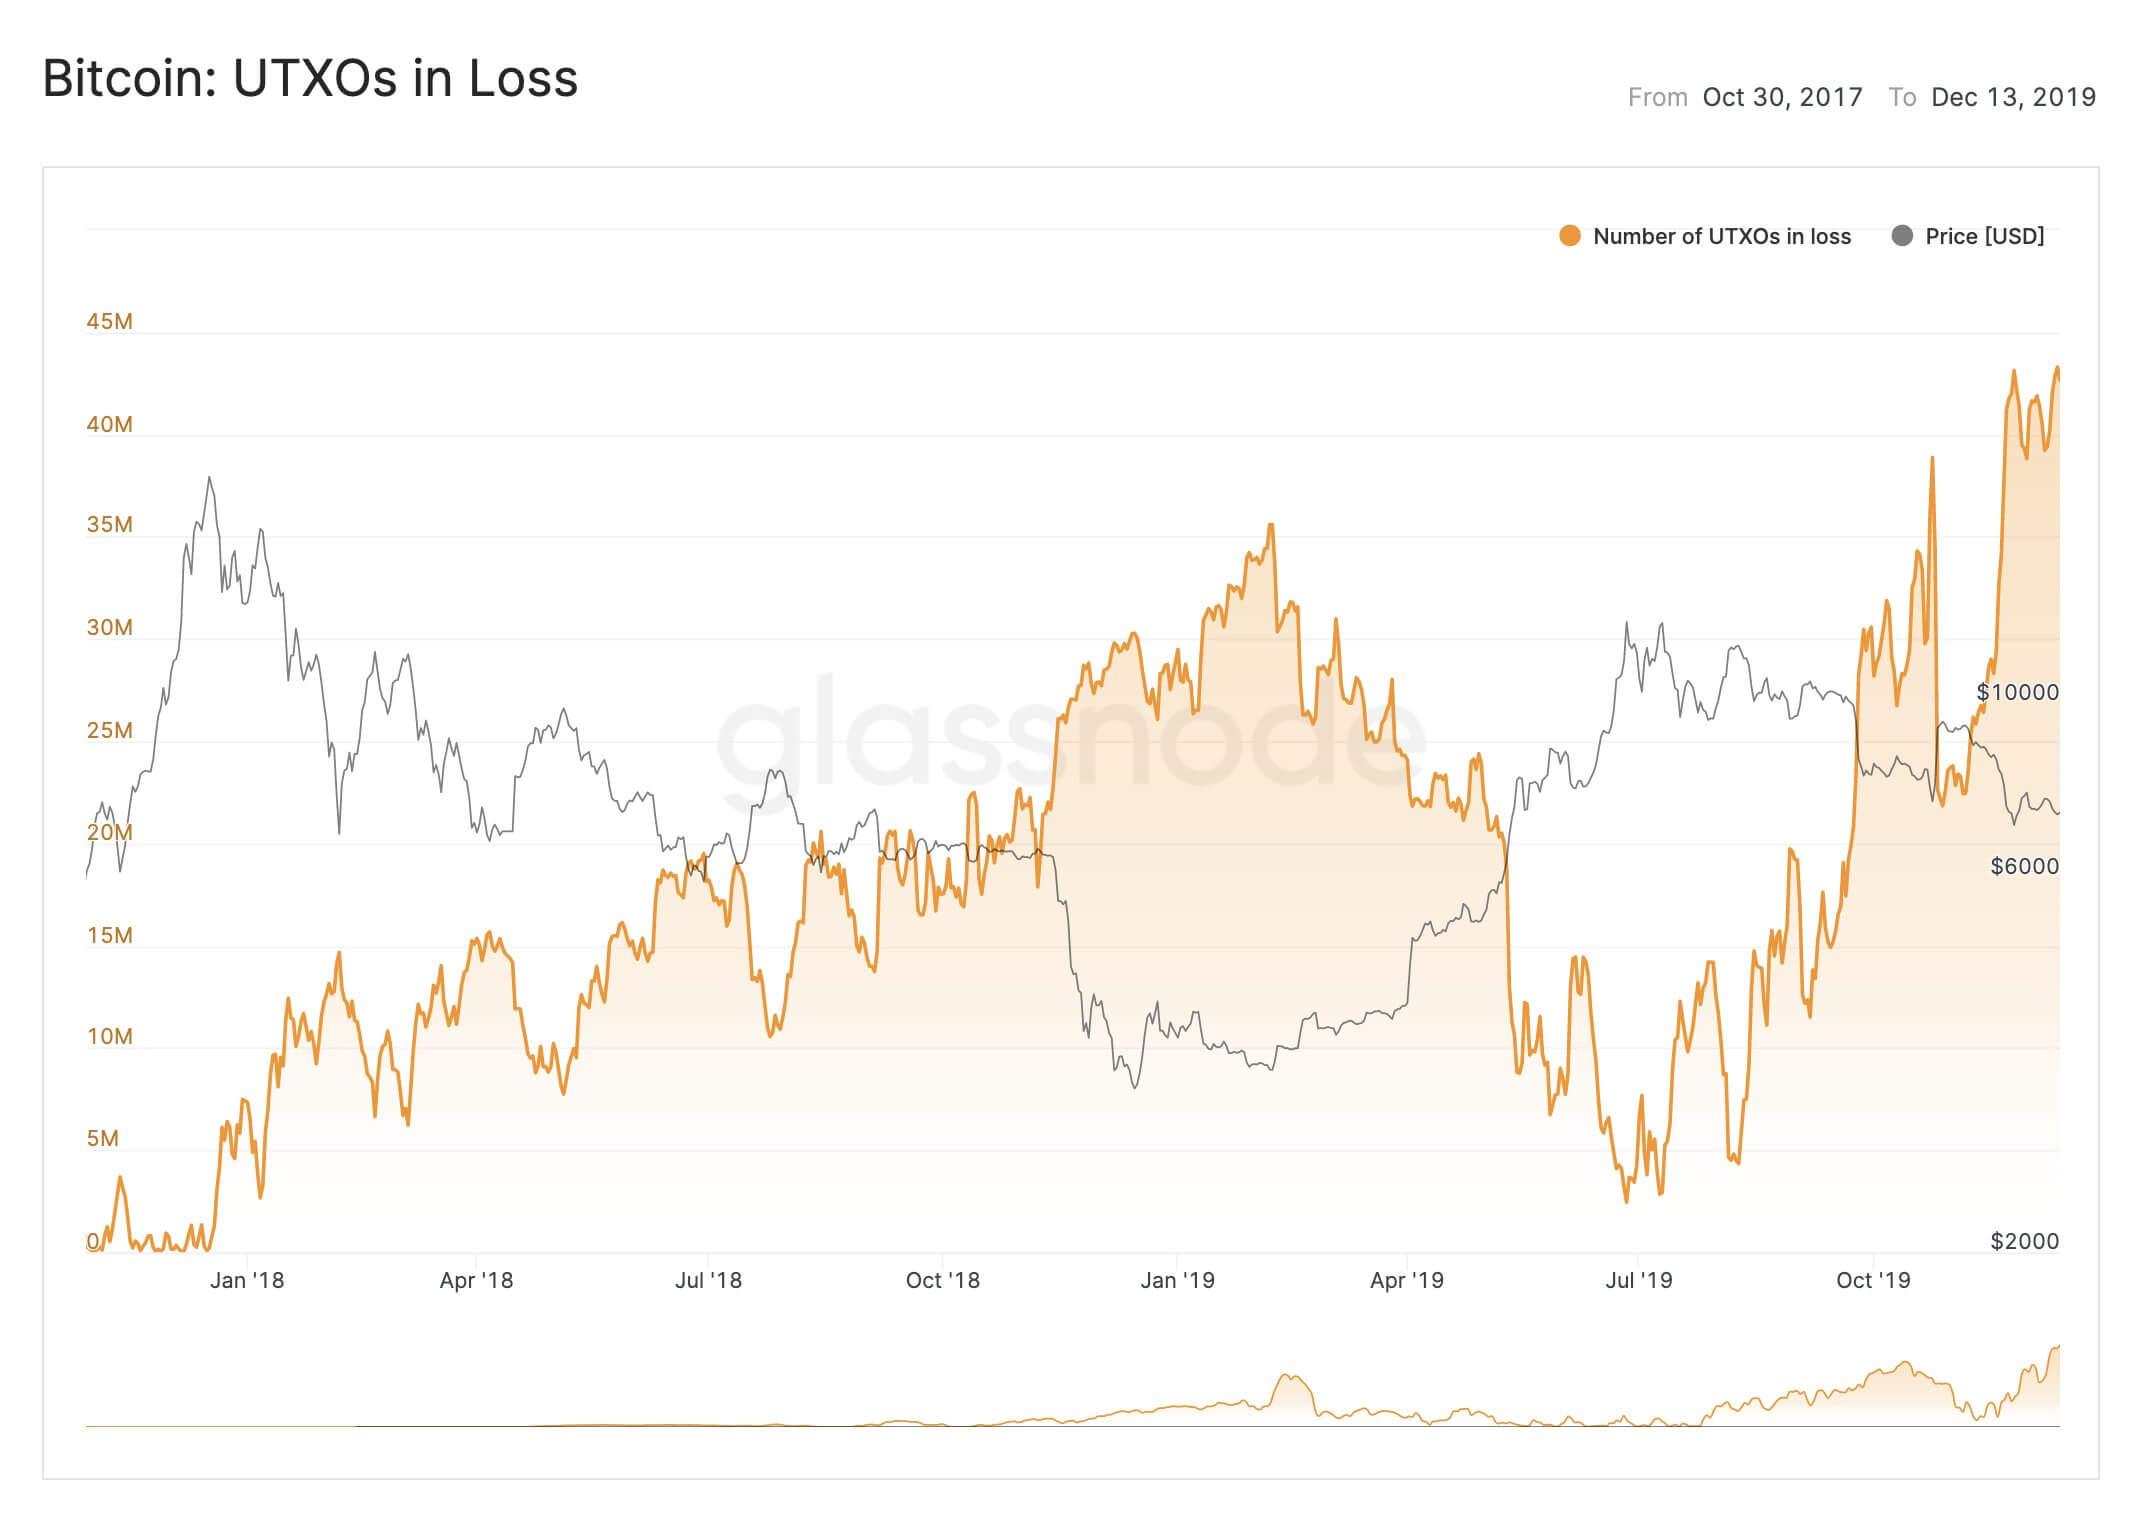 Bitcoin UTXOs in Loss